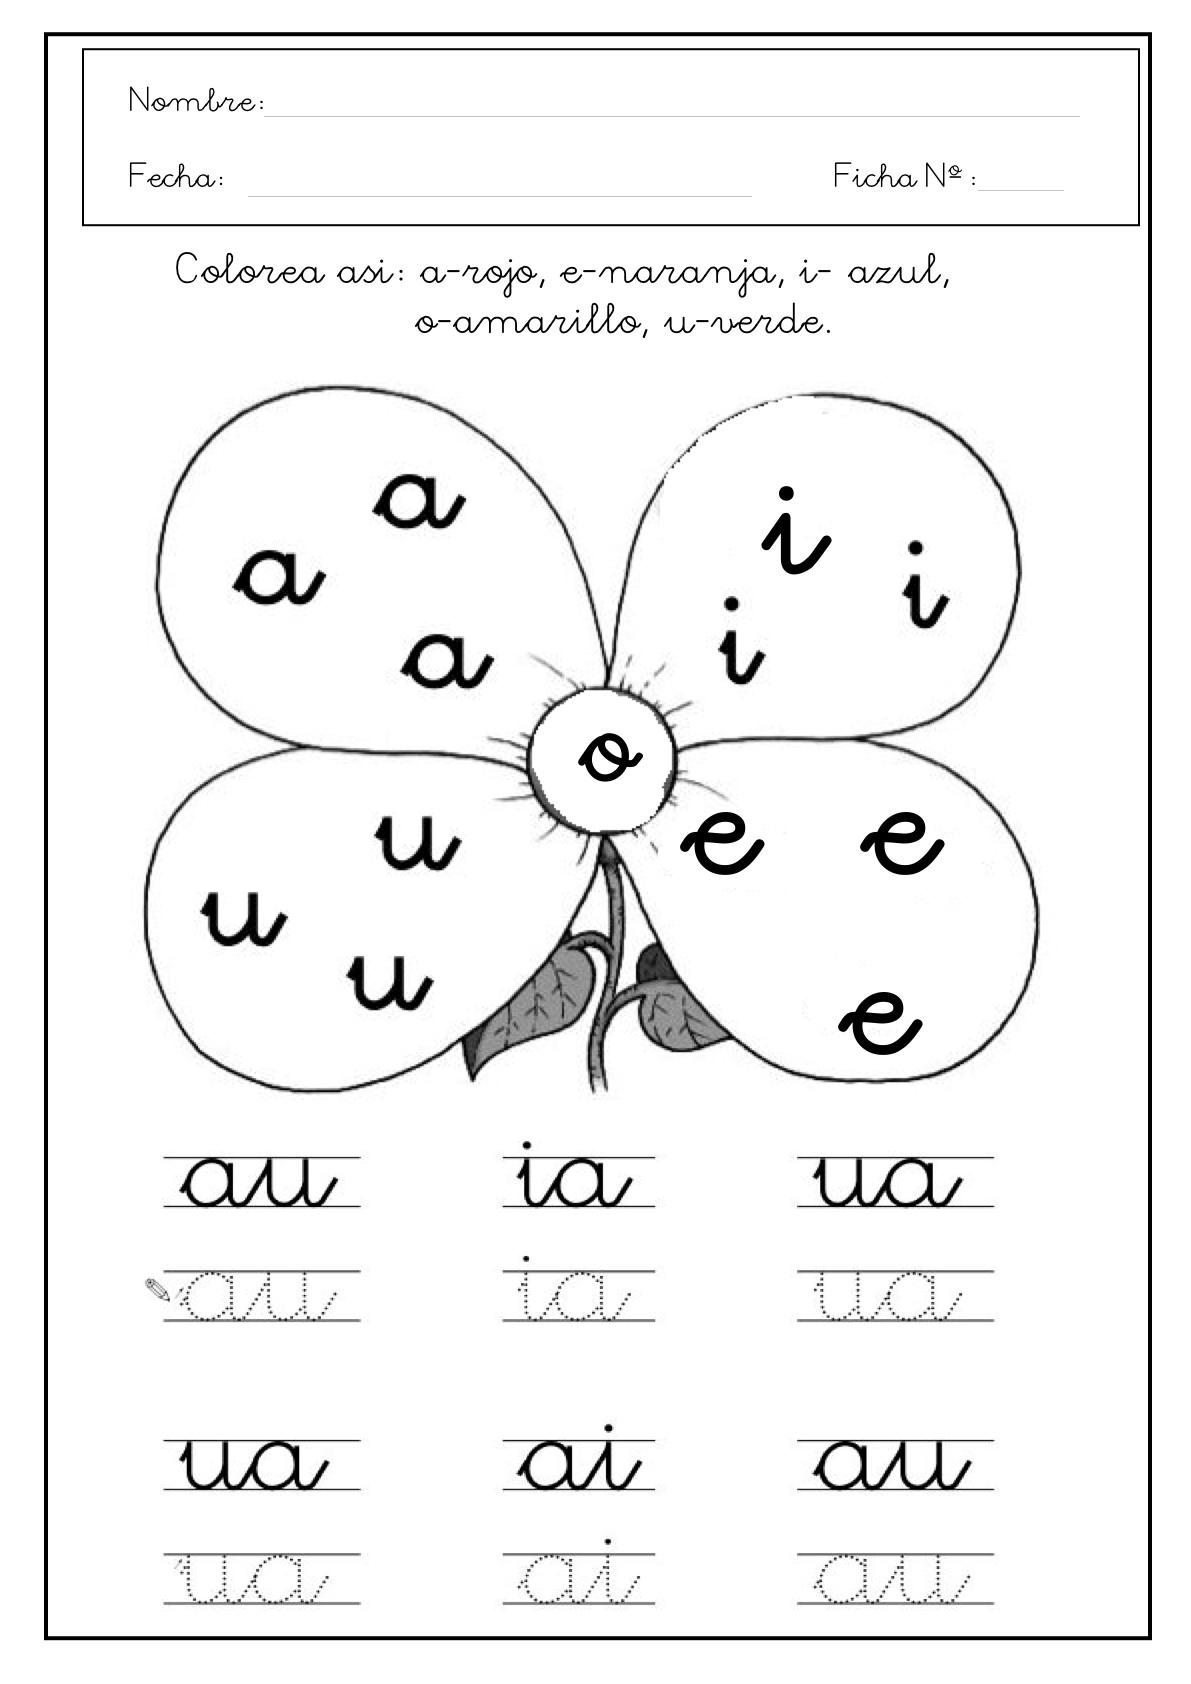 Dibujos Para Colorear De Las Vocales En Inglés Imagui